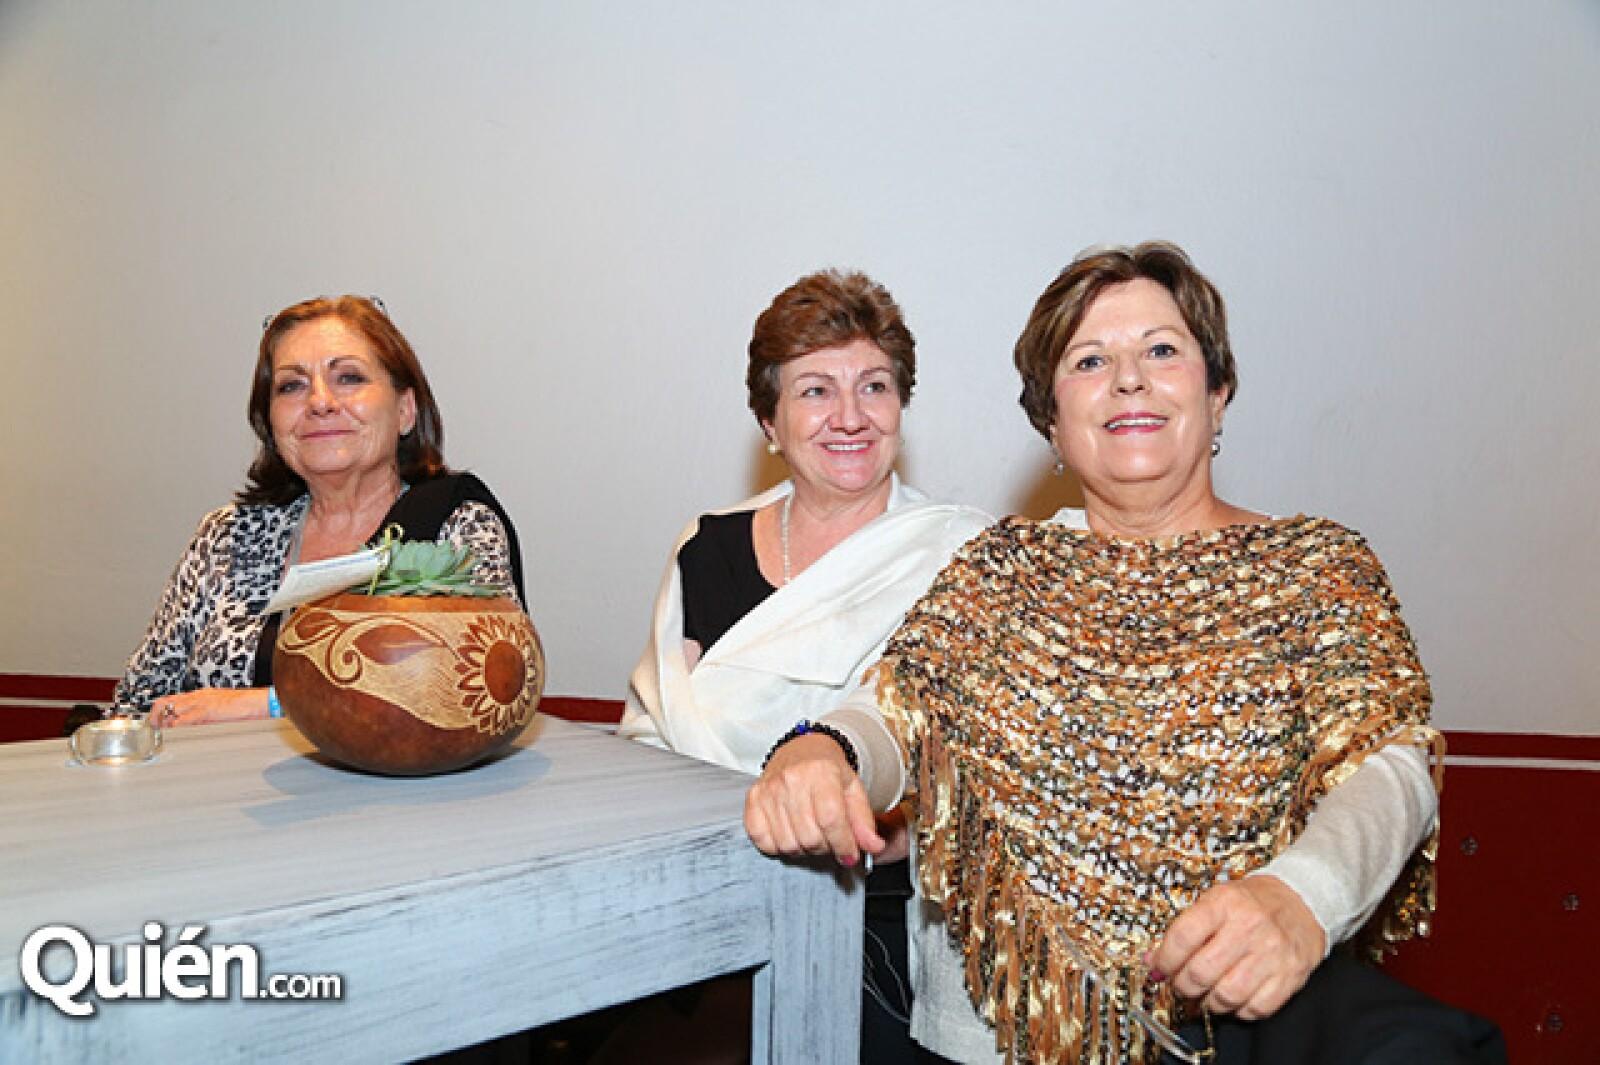 Jenny Real, Laura Real y Amanda Z. de Bracho